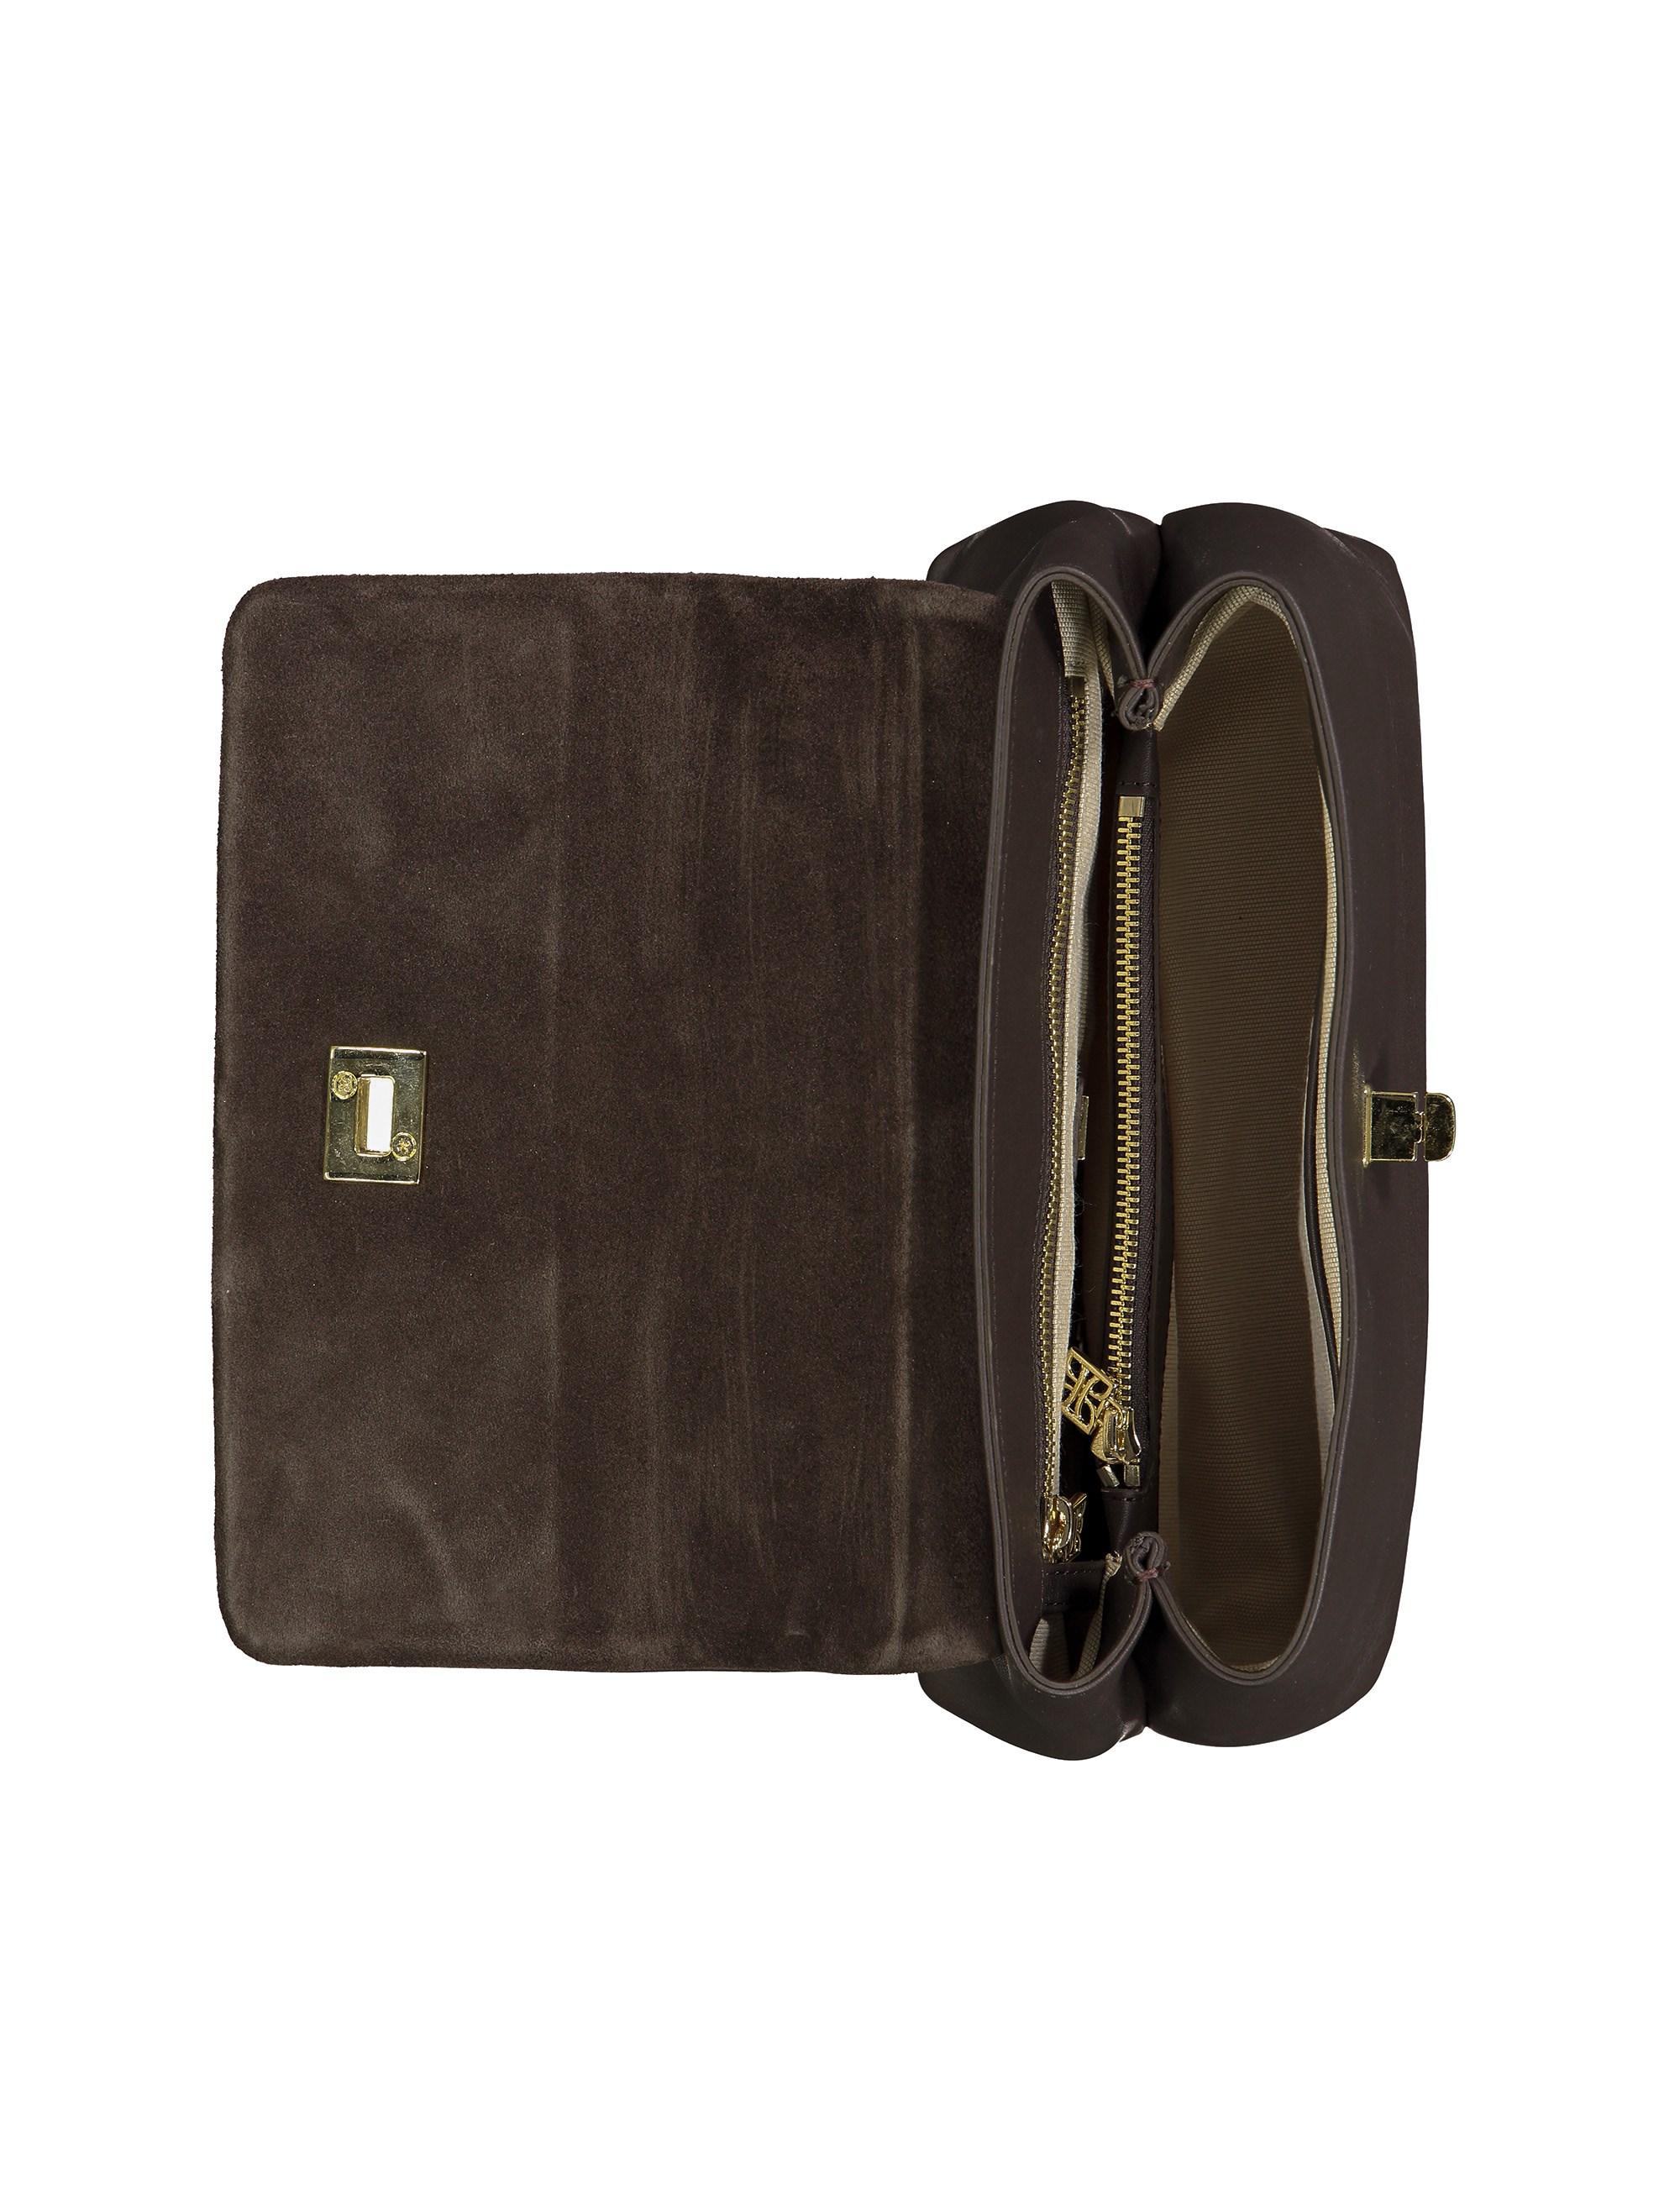 کیف دستی چرم روزمره زنانه - درسا - قهوه اي - 6